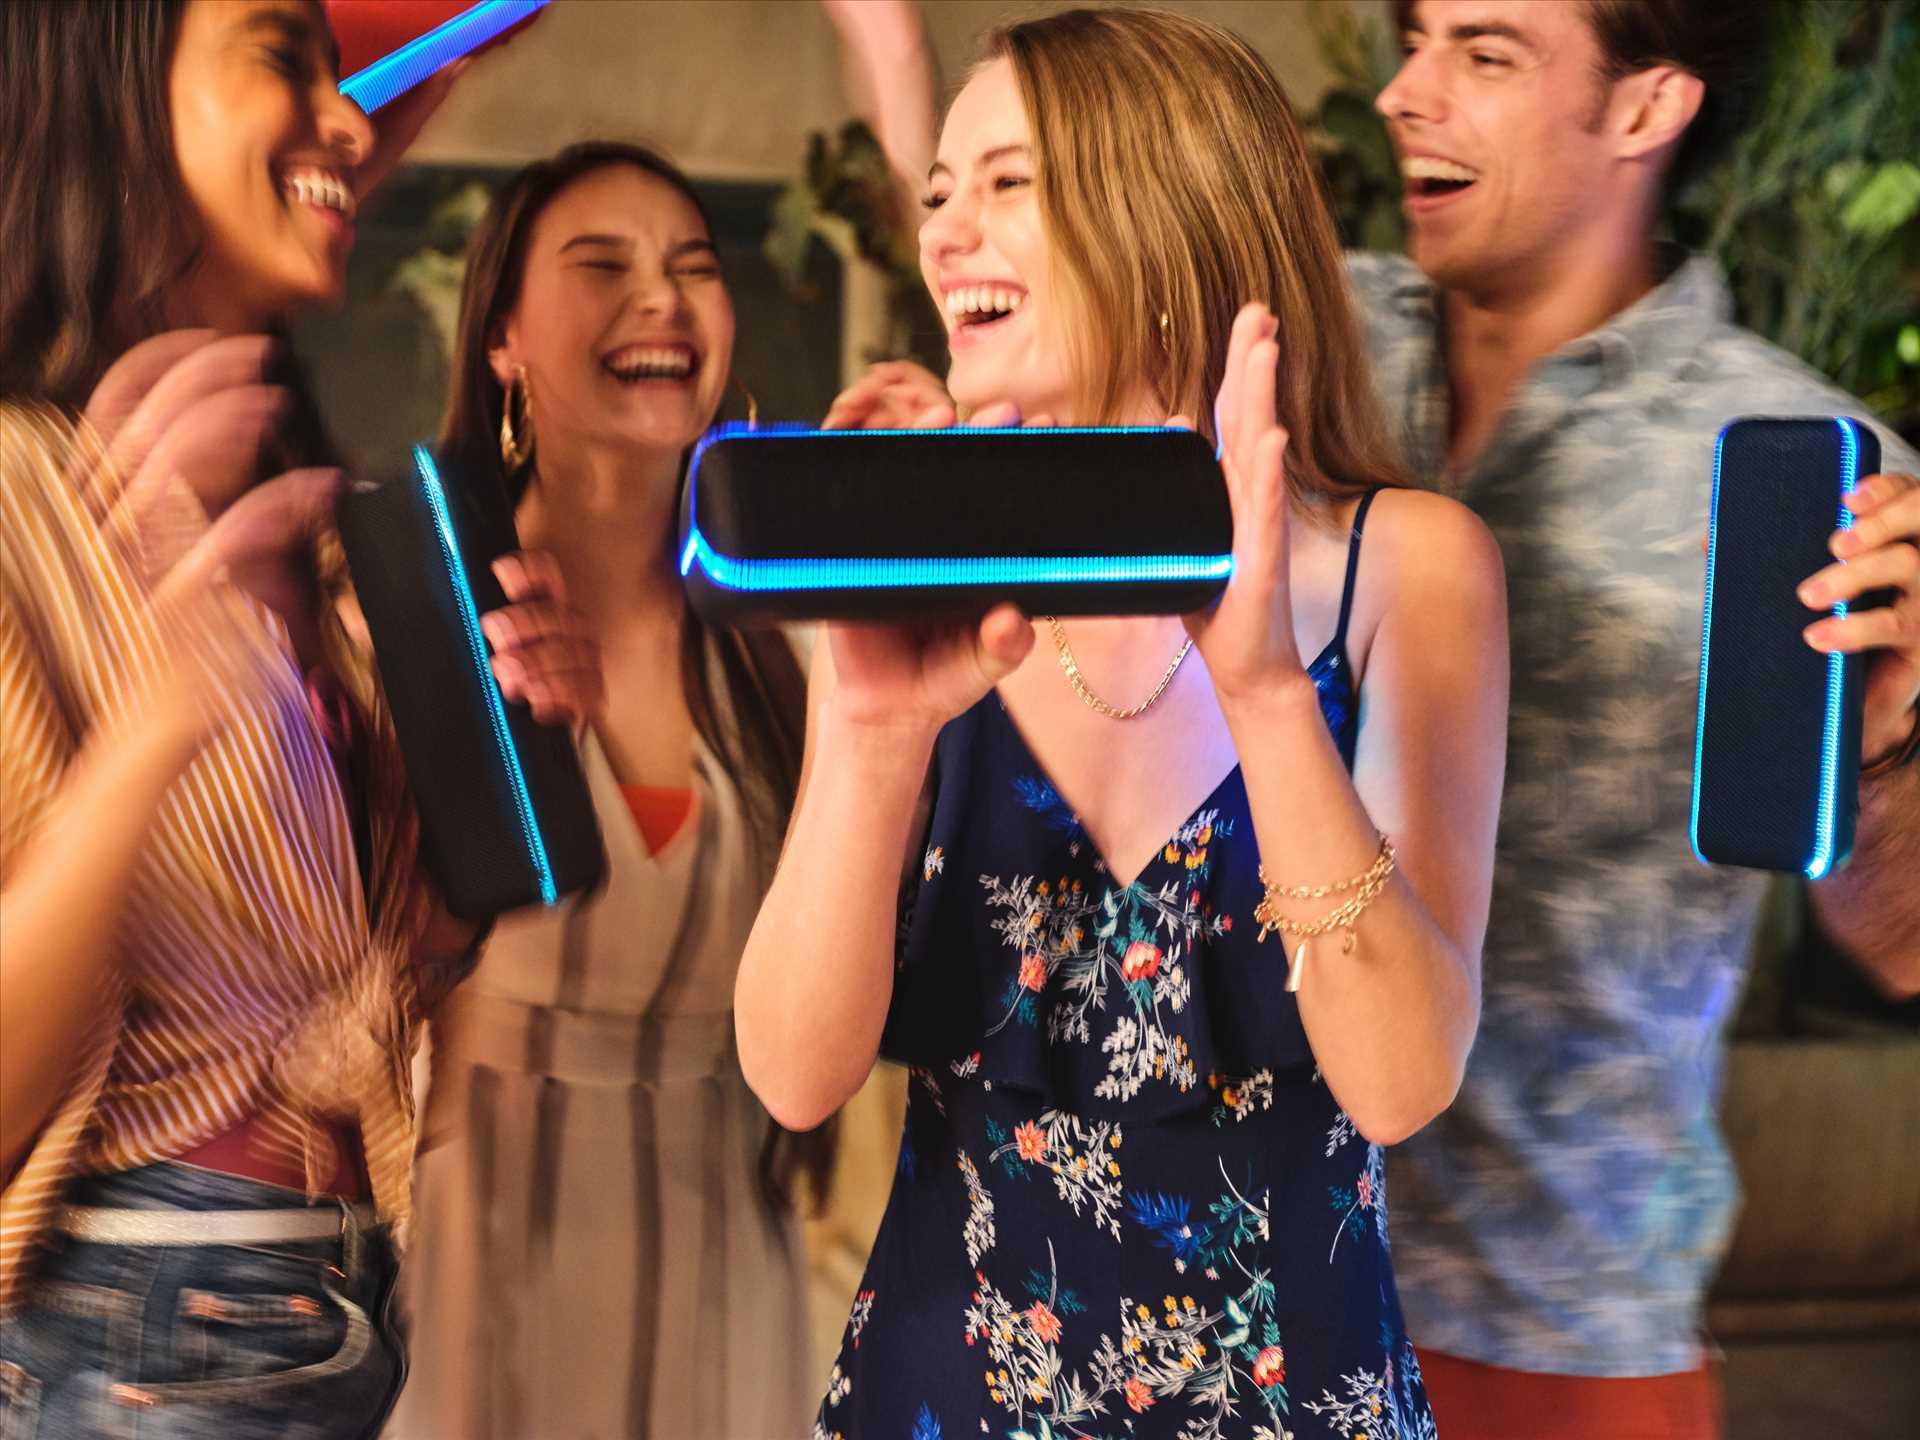 רמקול נייד שחור Sony SRS-XB32B סוני - תמונה 15